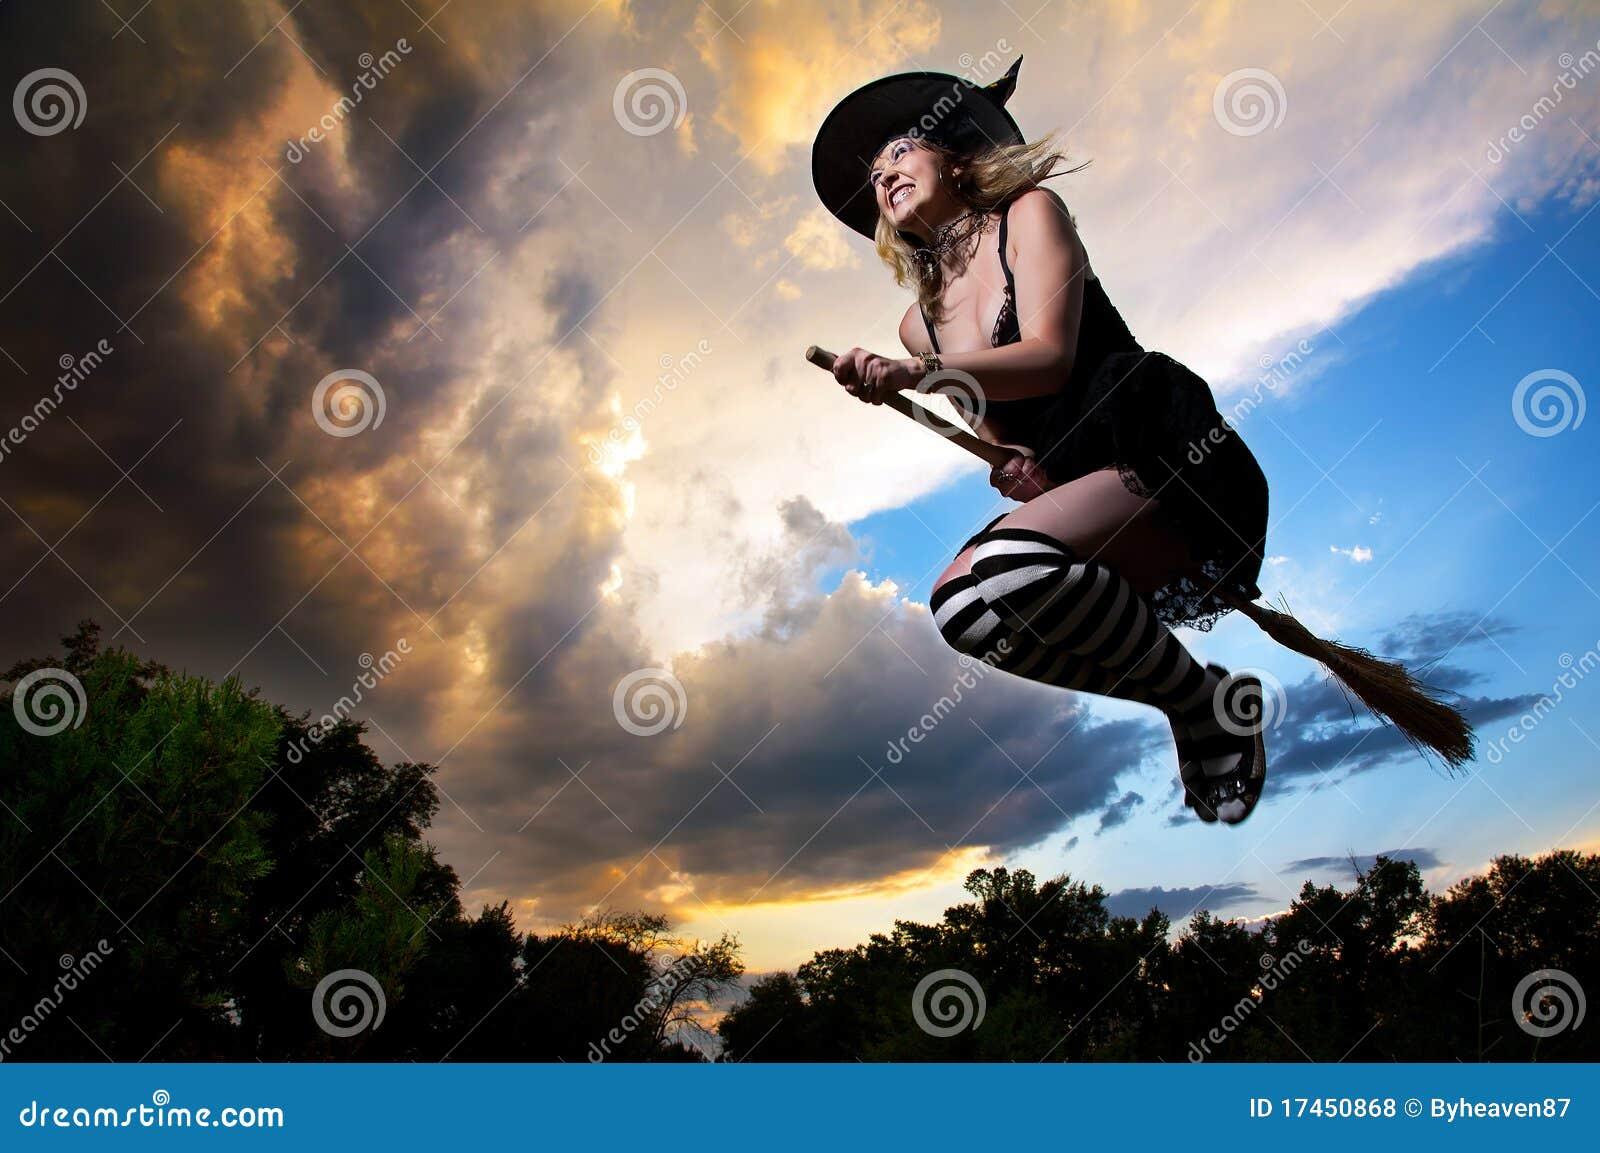 Heks Op Bezem Storm.Vliegende Heks Op Bezemsteel Stock Foto Afbeelding